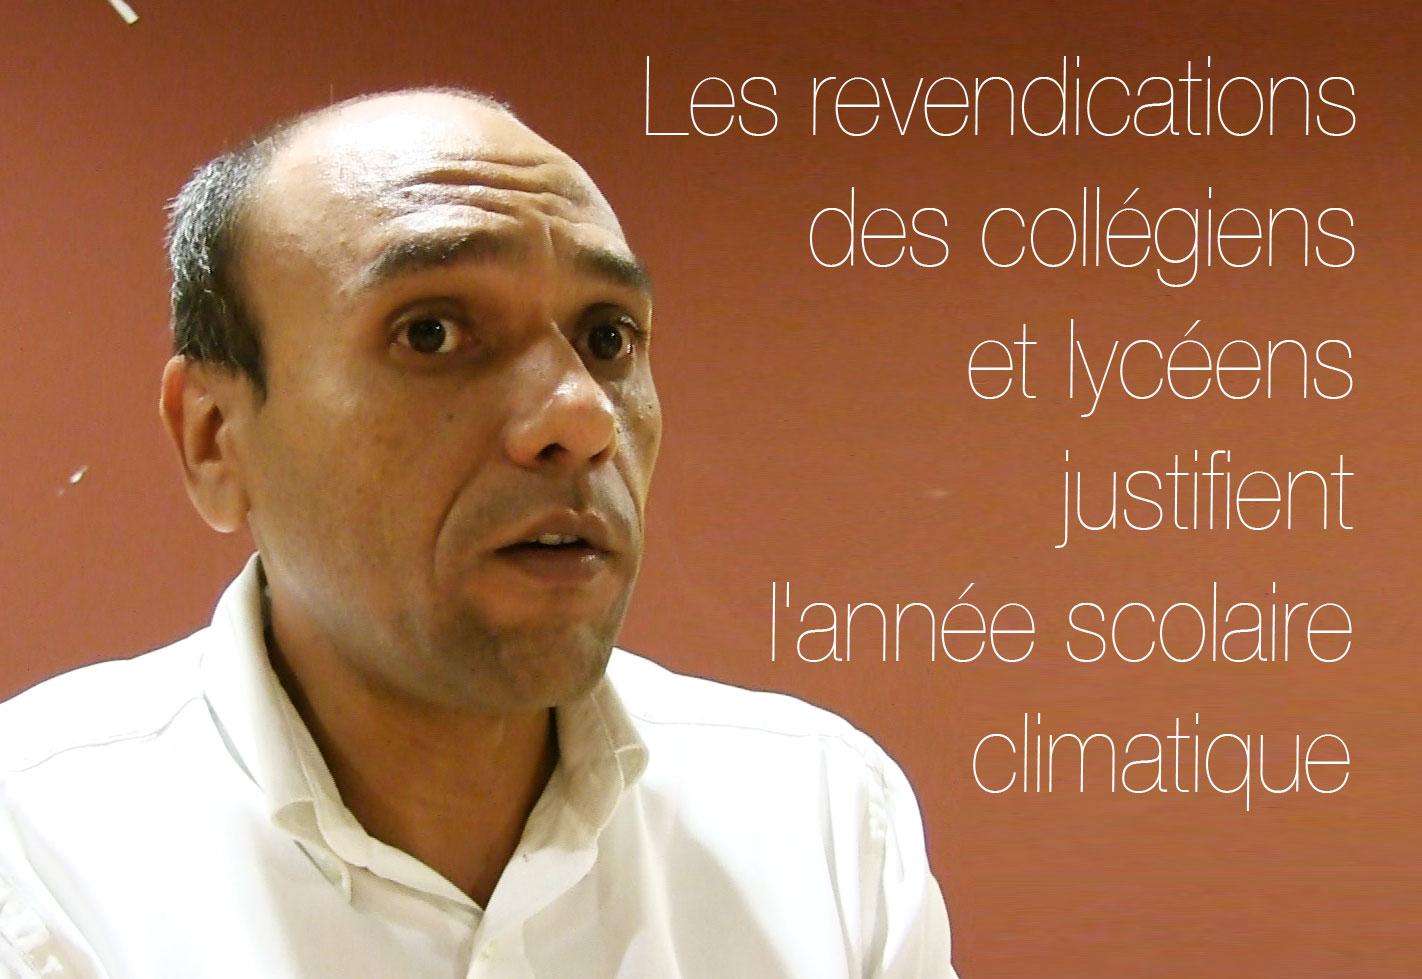 Yvan Dejean : Les revendications des collégiens et lycéens justifient l'année scolaire climatique